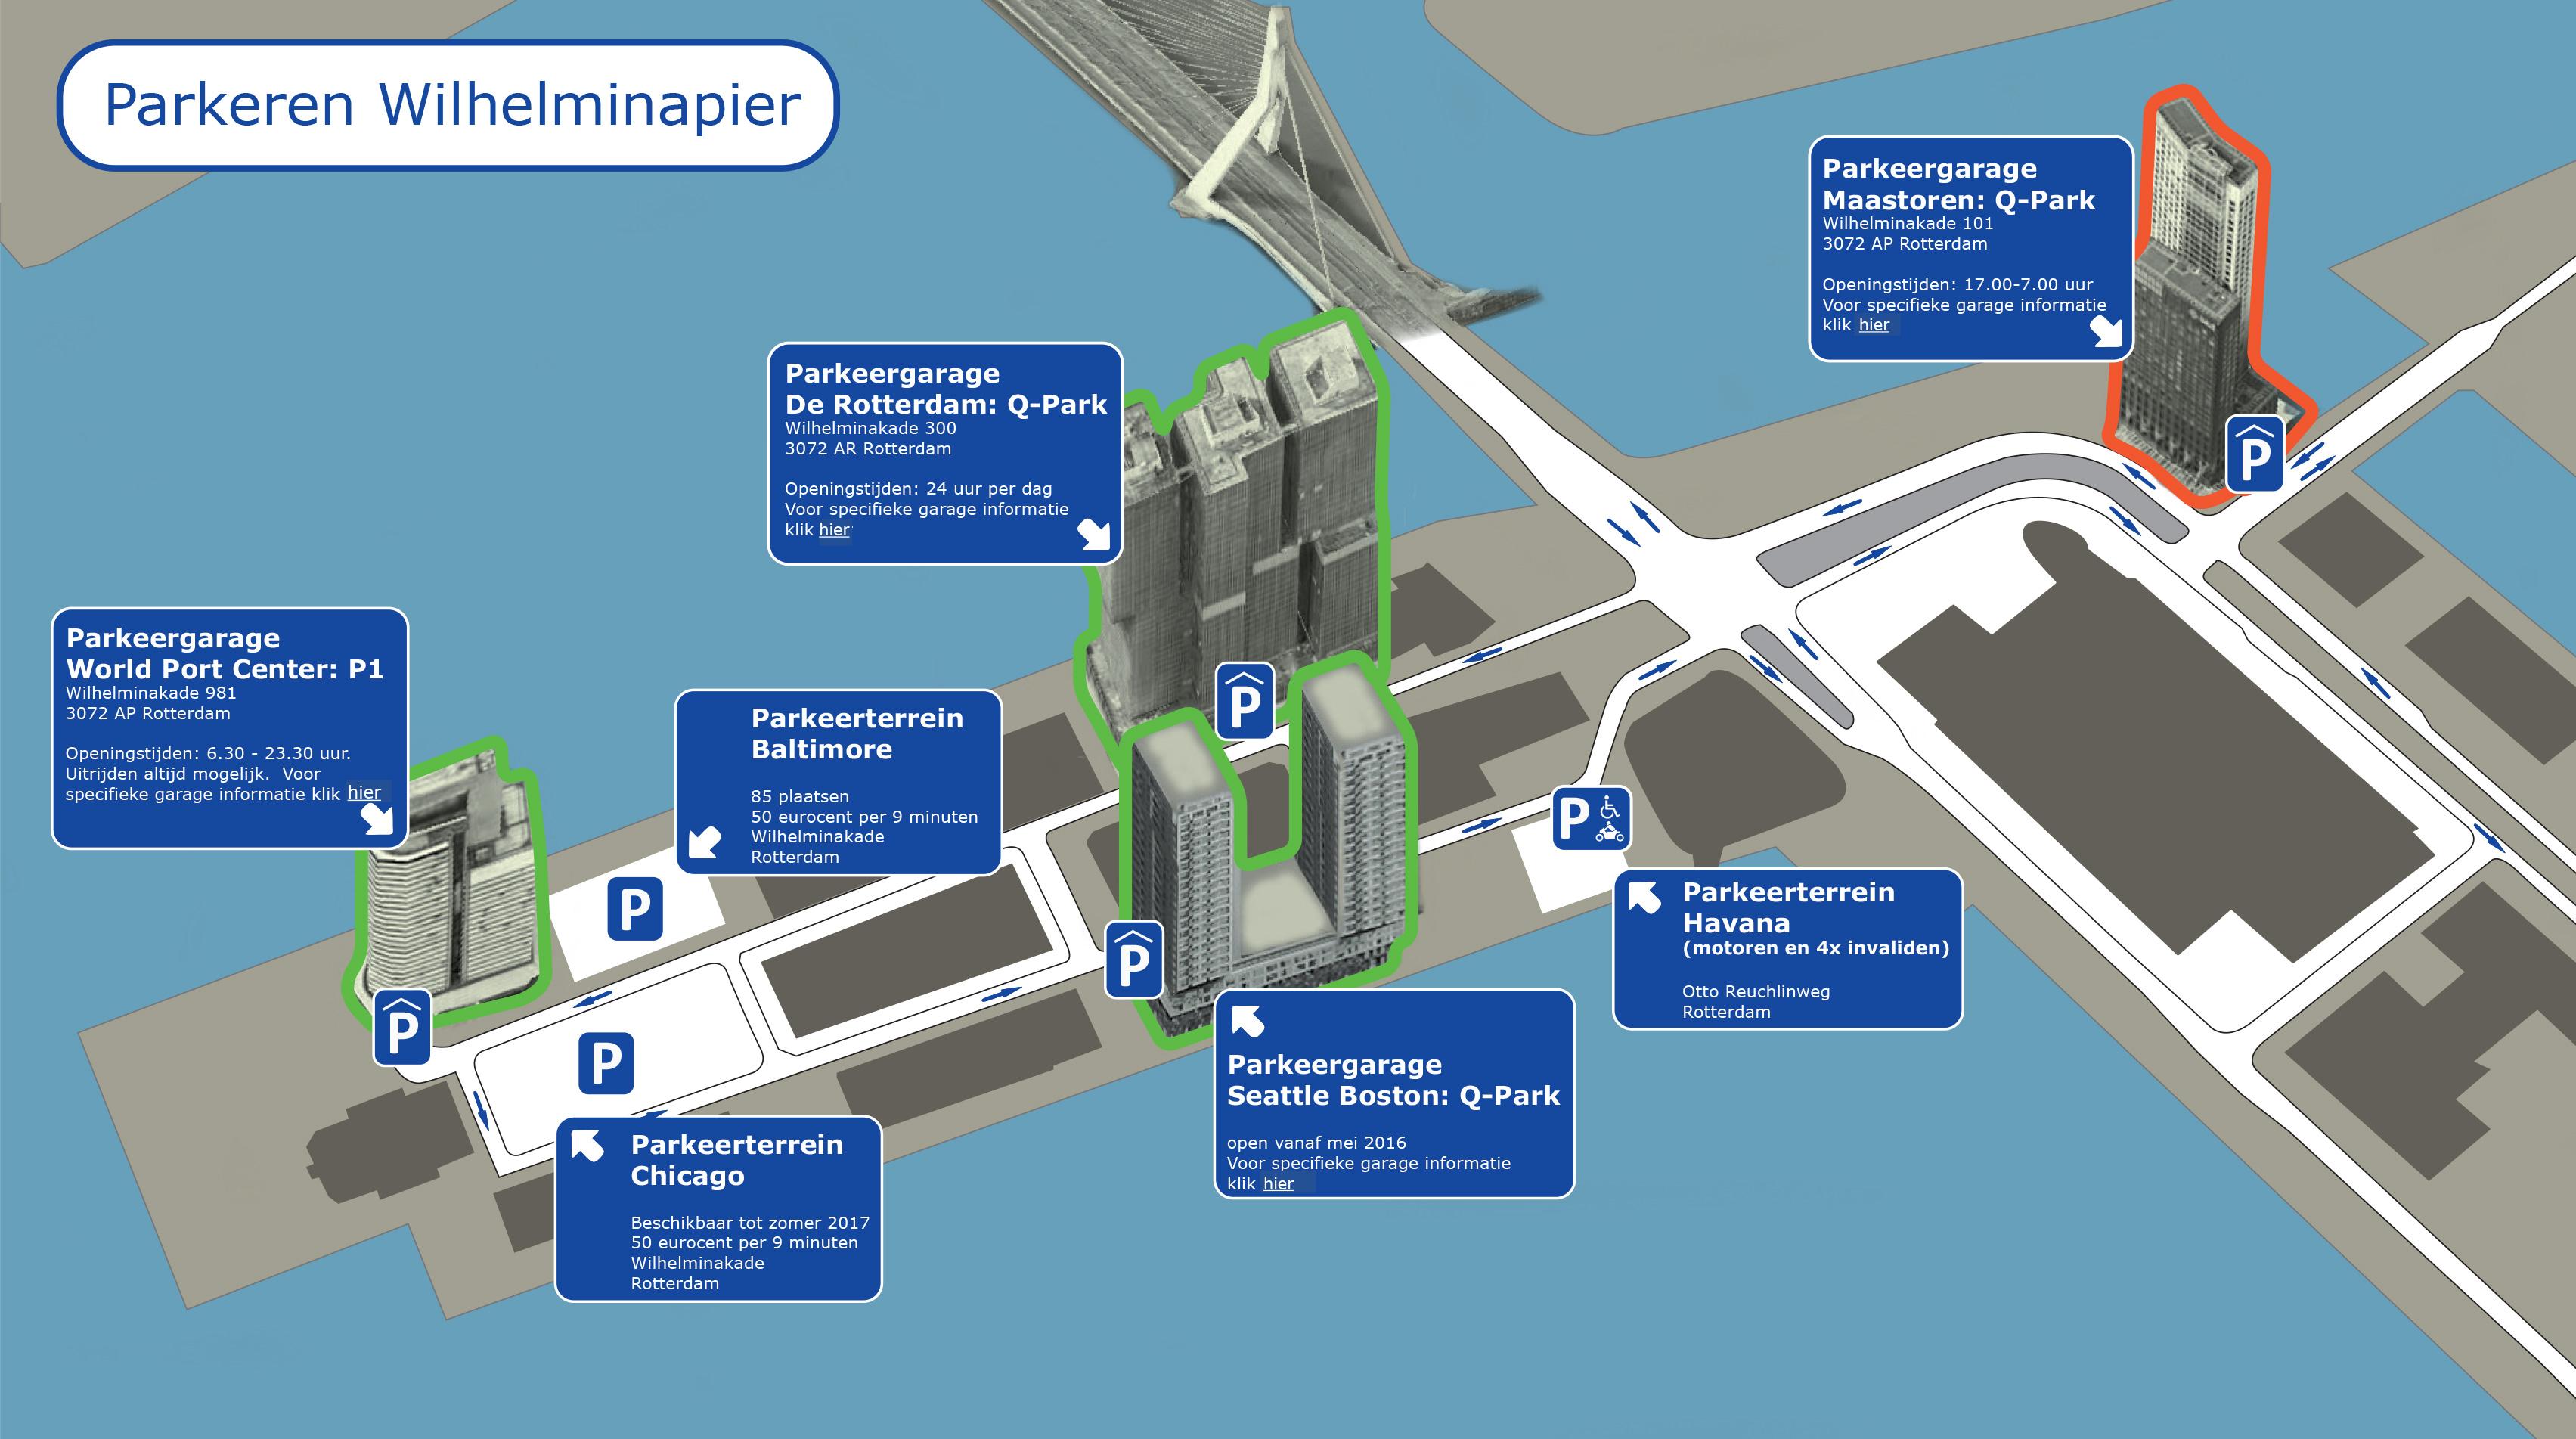 Parkeerkaart_Wilhelminapier